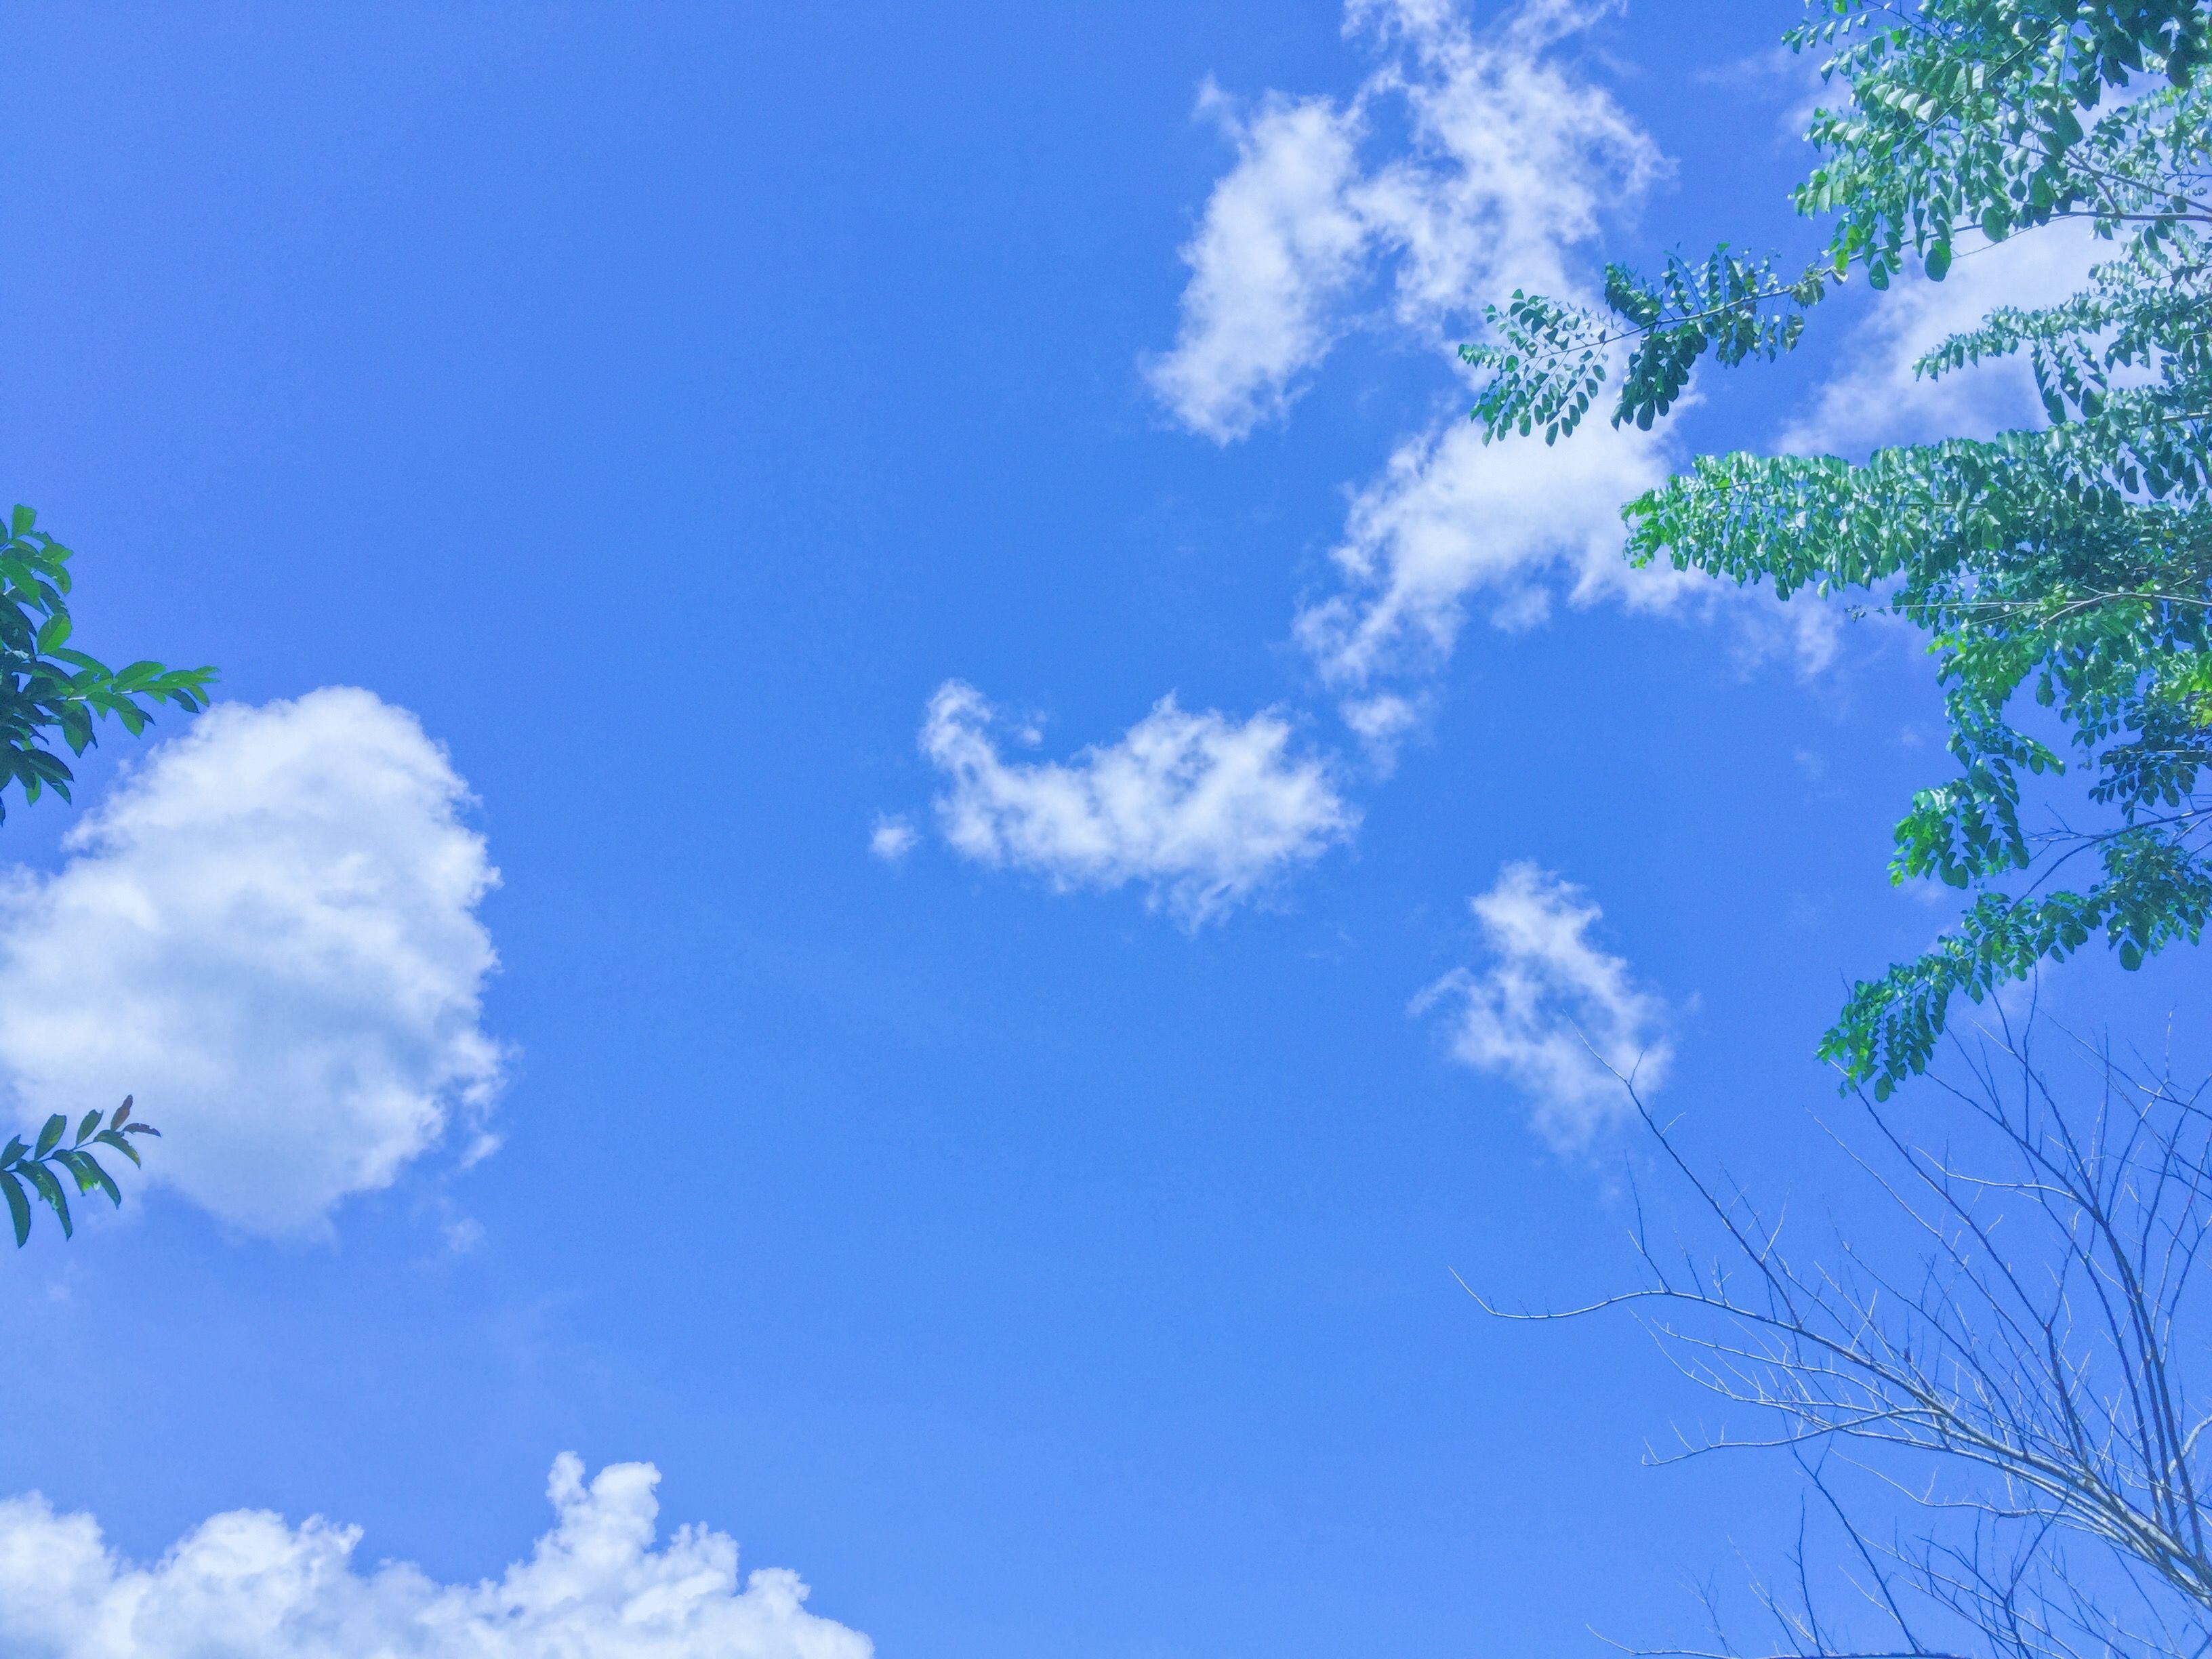 Ảnh bầu trời xanh rì rất đẹp